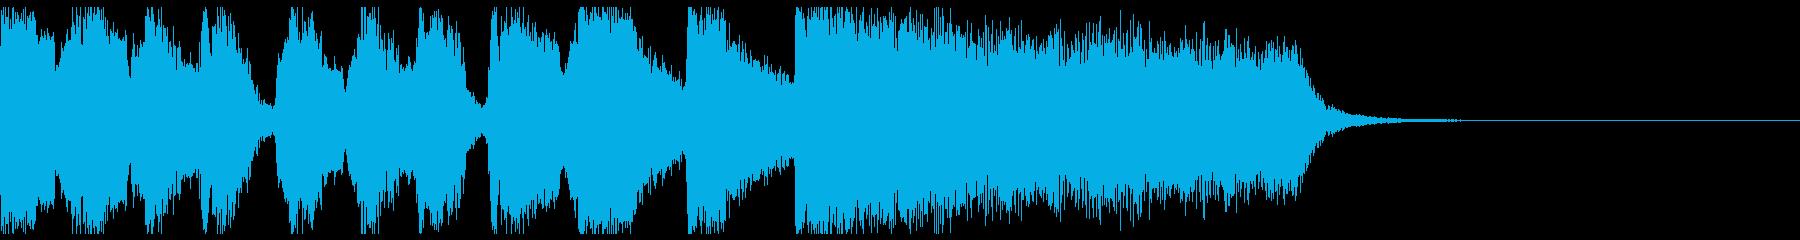 【ジングル】エンディング・ハッピーエンドの再生済みの波形